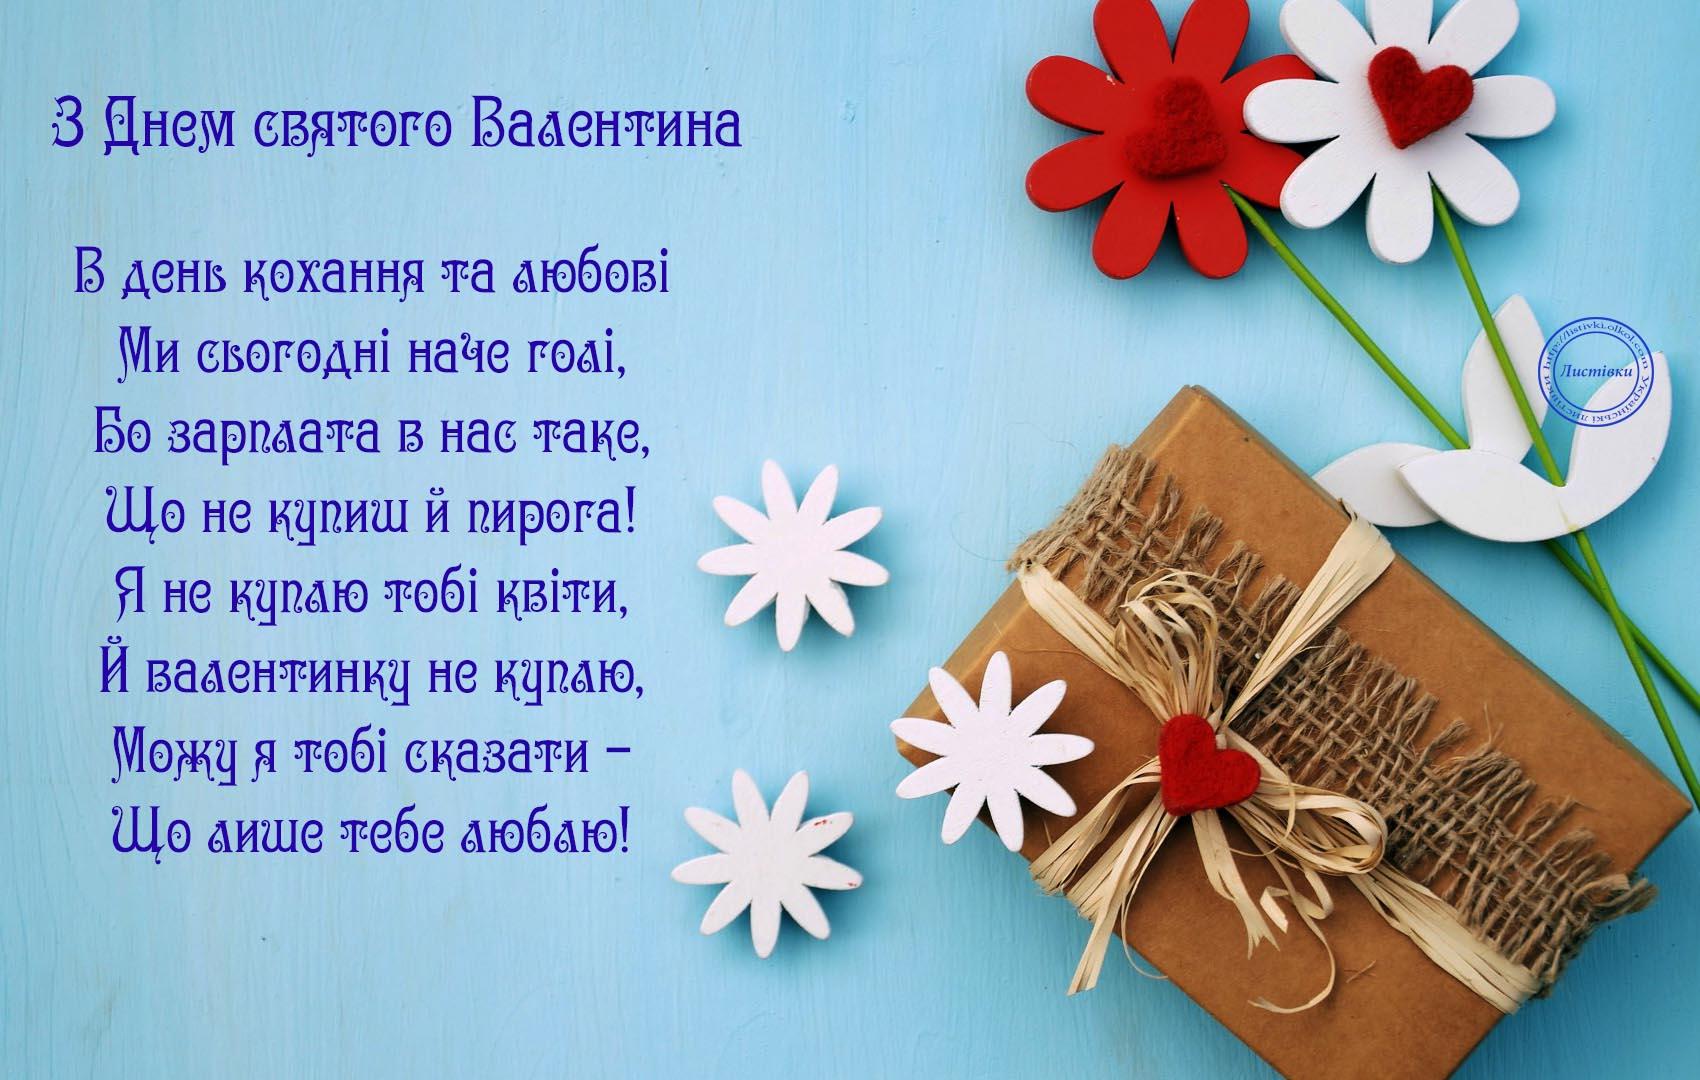 Прикольні листівки коханій на День святого Валентина